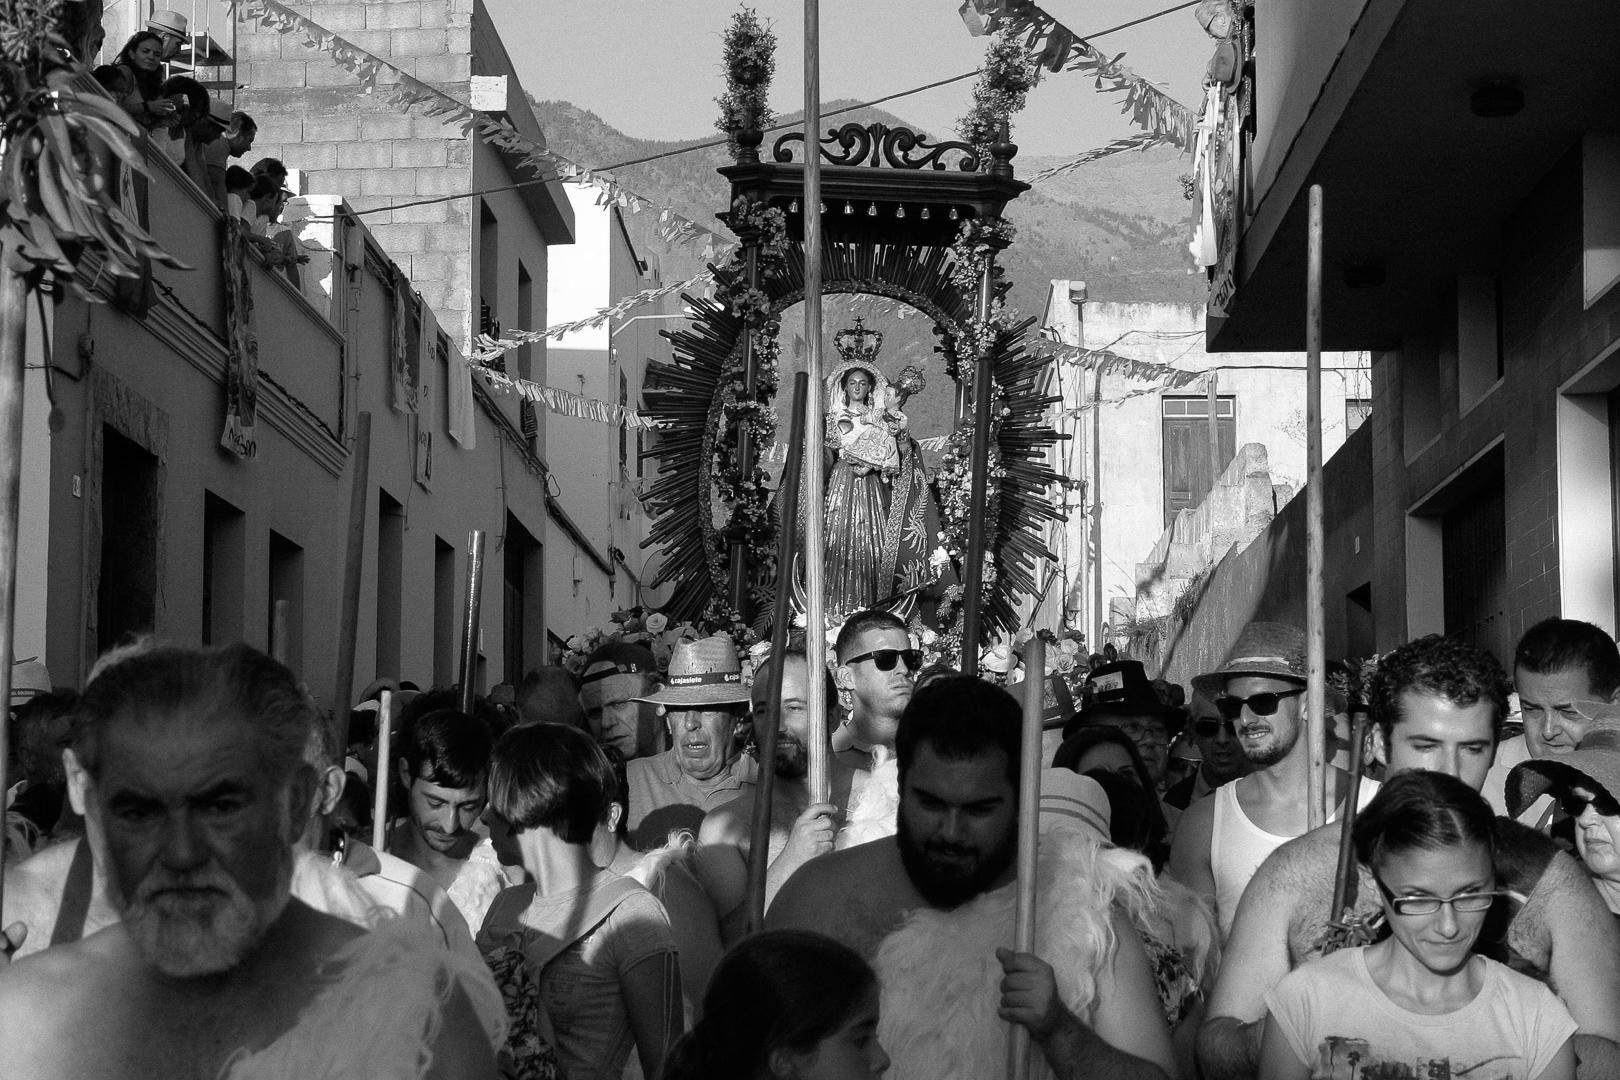 Romeria, Guimar - Socorro; La Virgen del Socorro bajando with the guanches